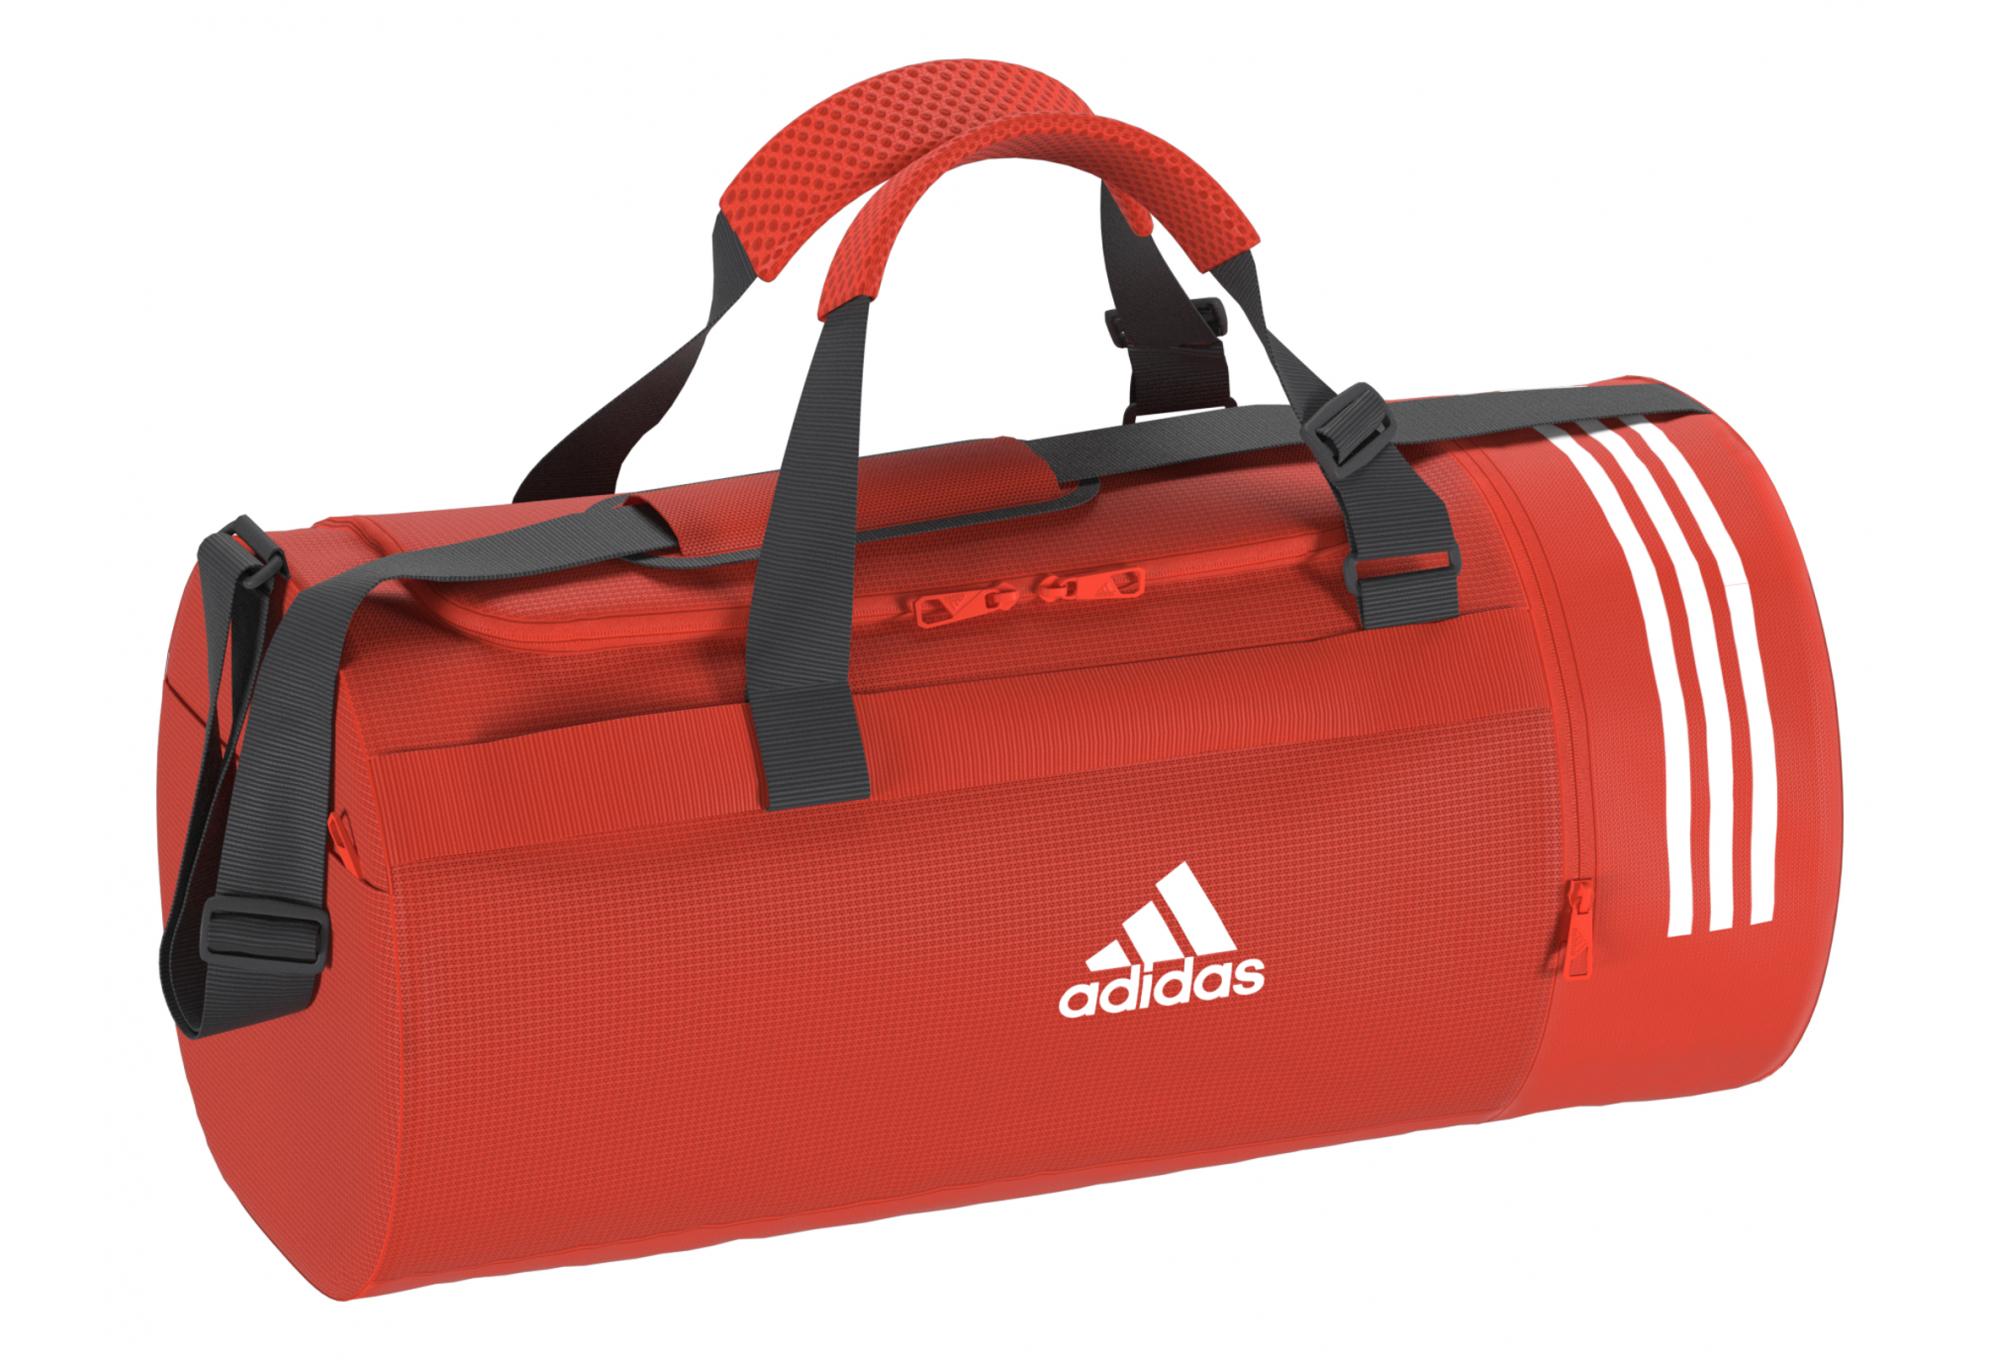 Sac Stripes Convertible Format Toile En Adidas 3 Moyen bY67gyf